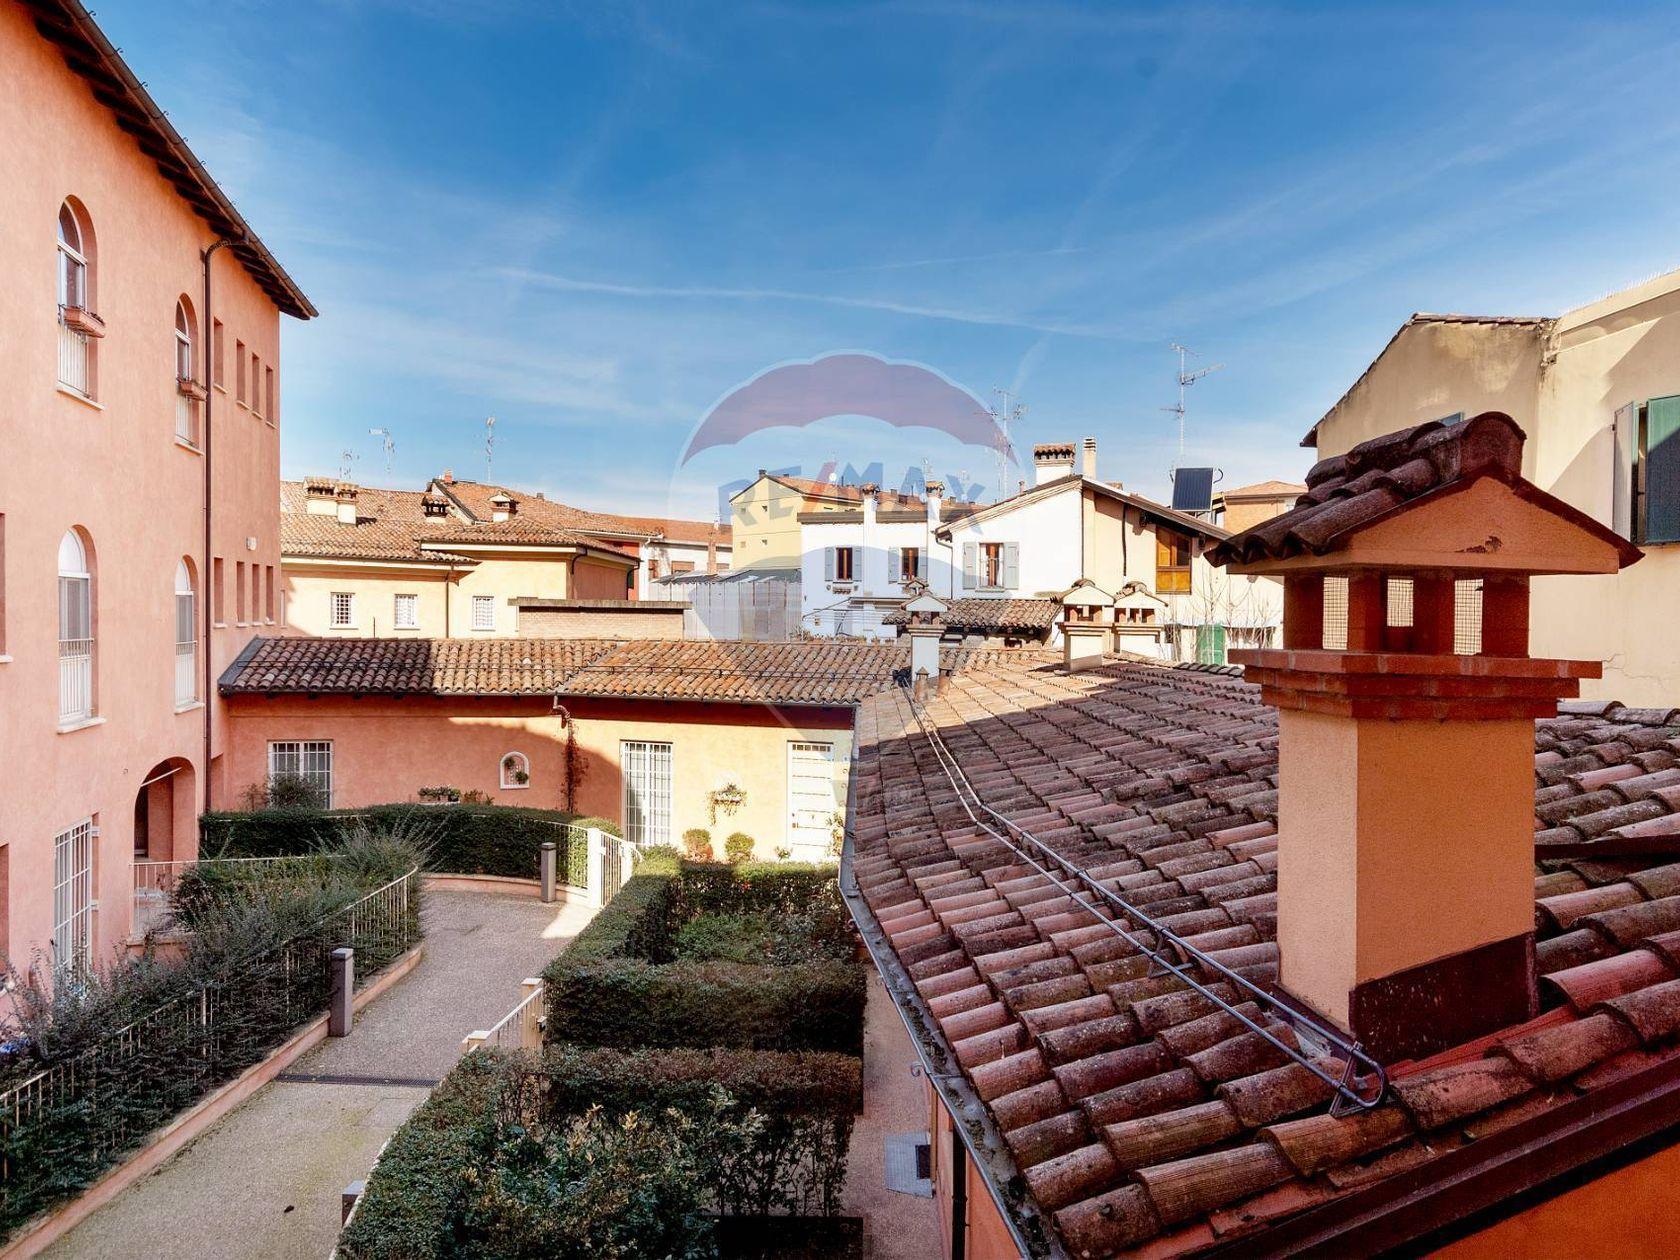 Appartamento Zona Centro Storico, San Giovanni in Persiceto, BO Vendita - Foto 16